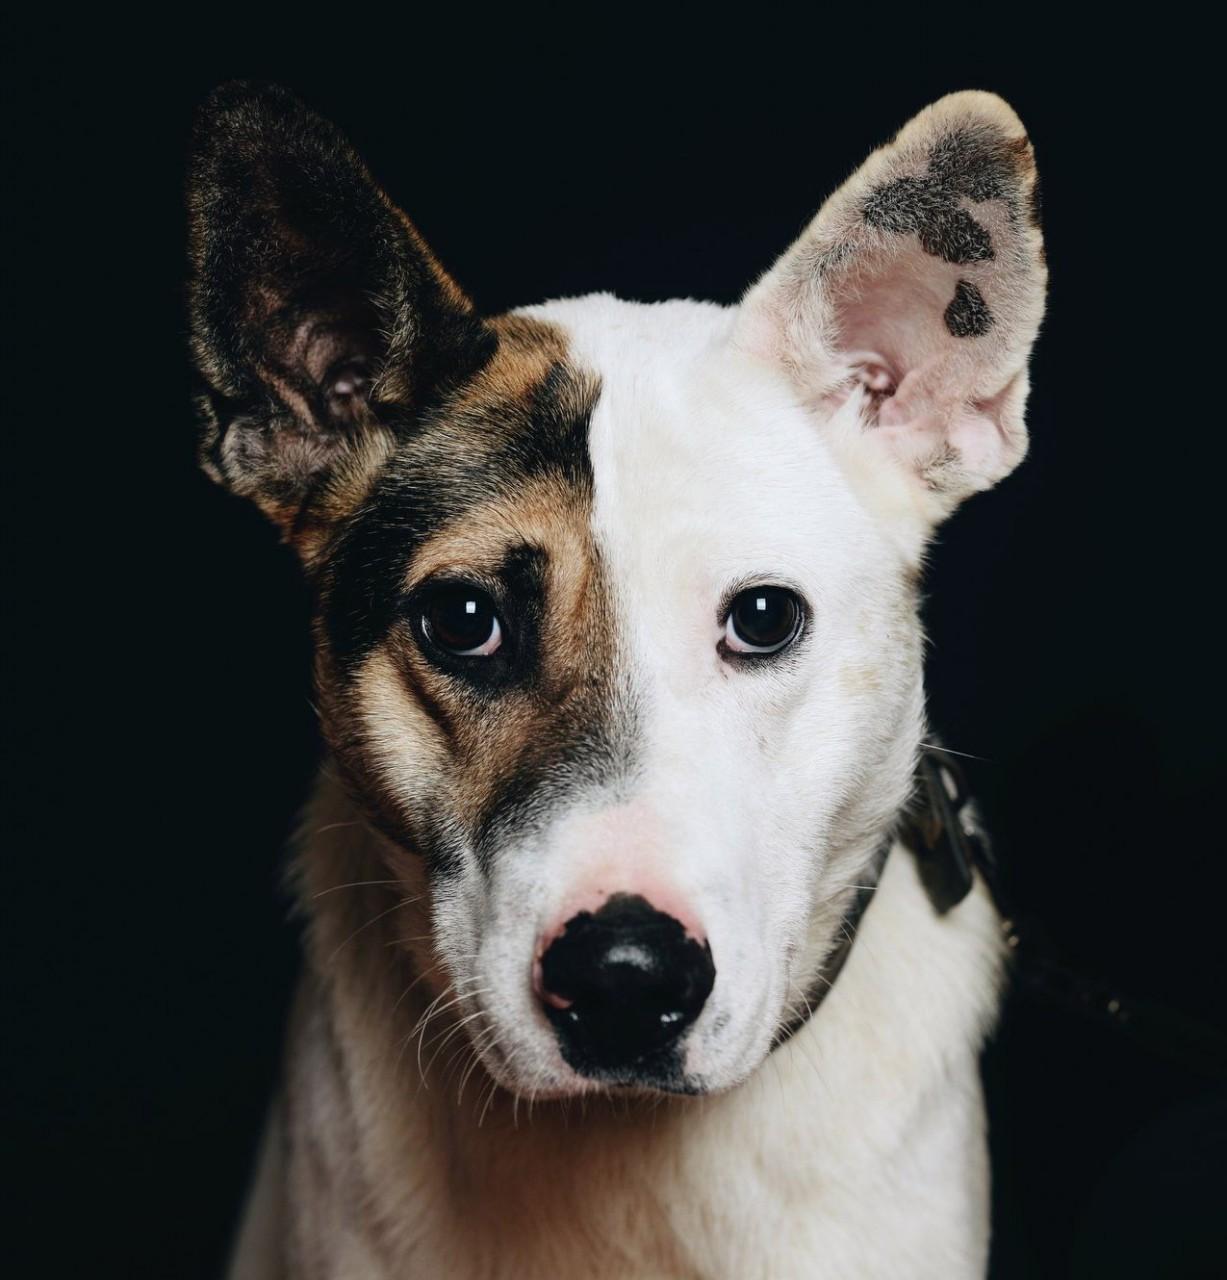 Фредди оказался никому не нужным… История щенка, который очень хотел дружить, но никто не отвечал ему взаимностью